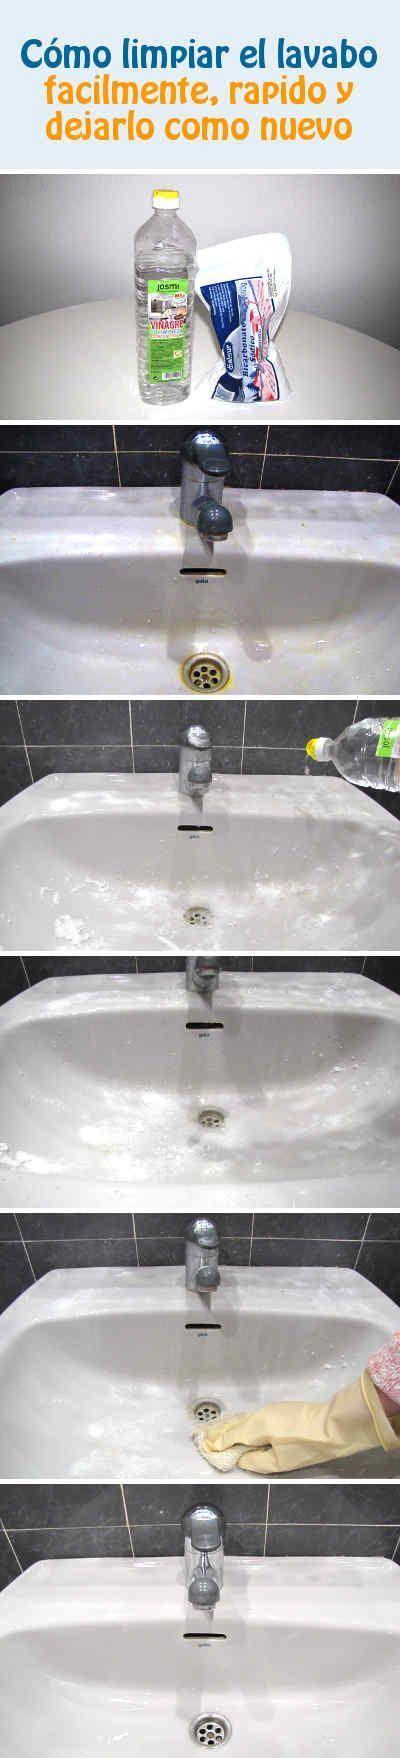 Cómo Limpiar El Lavabo Facilmente Rapido Y Dejarlo Como Nuevo Baño